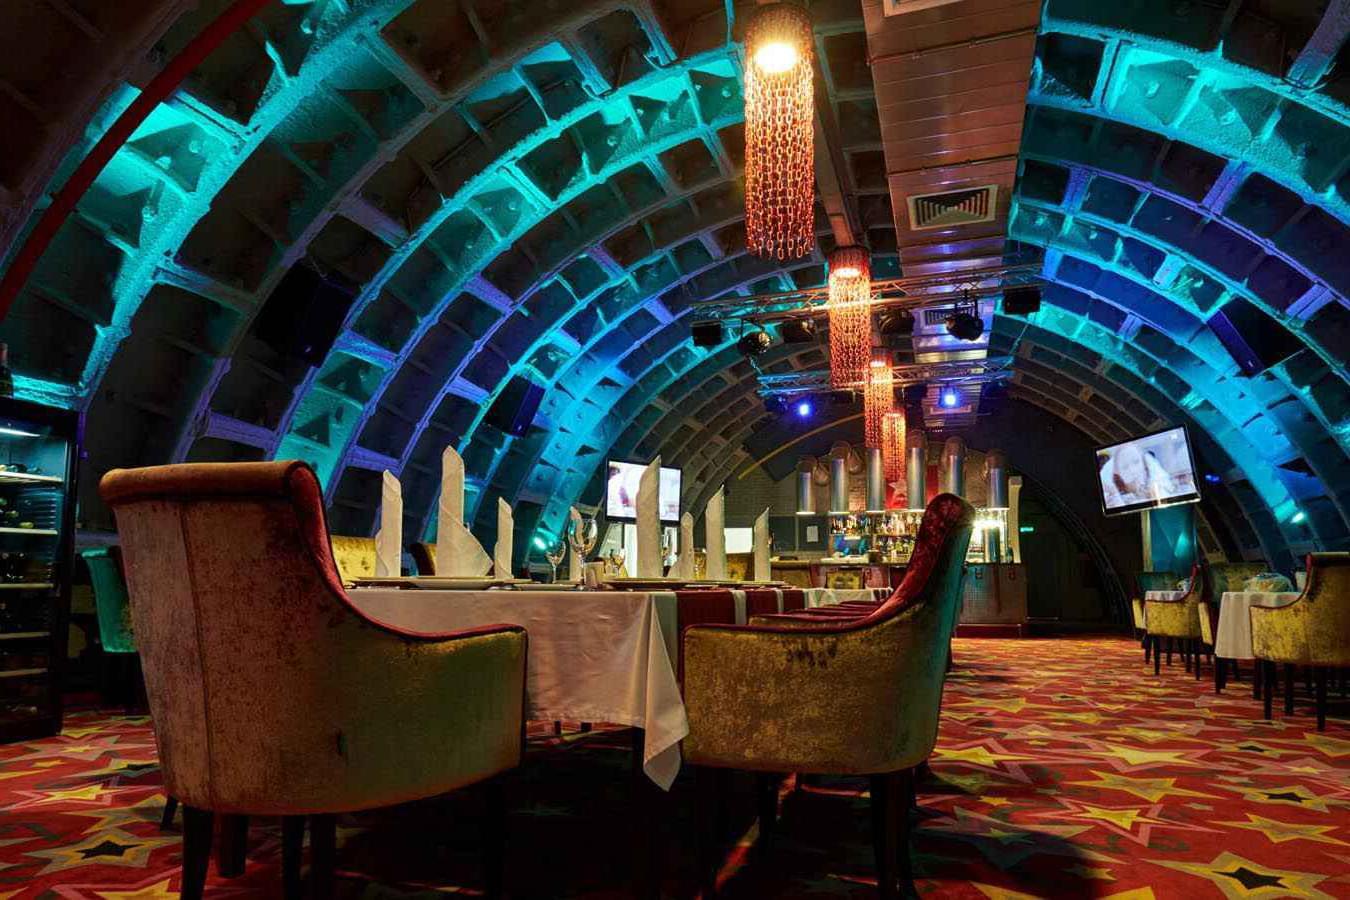 """Ресторан в Бункере-42 Сталина на экскурсии от Экскурсионного бюро """"Captour"""""""